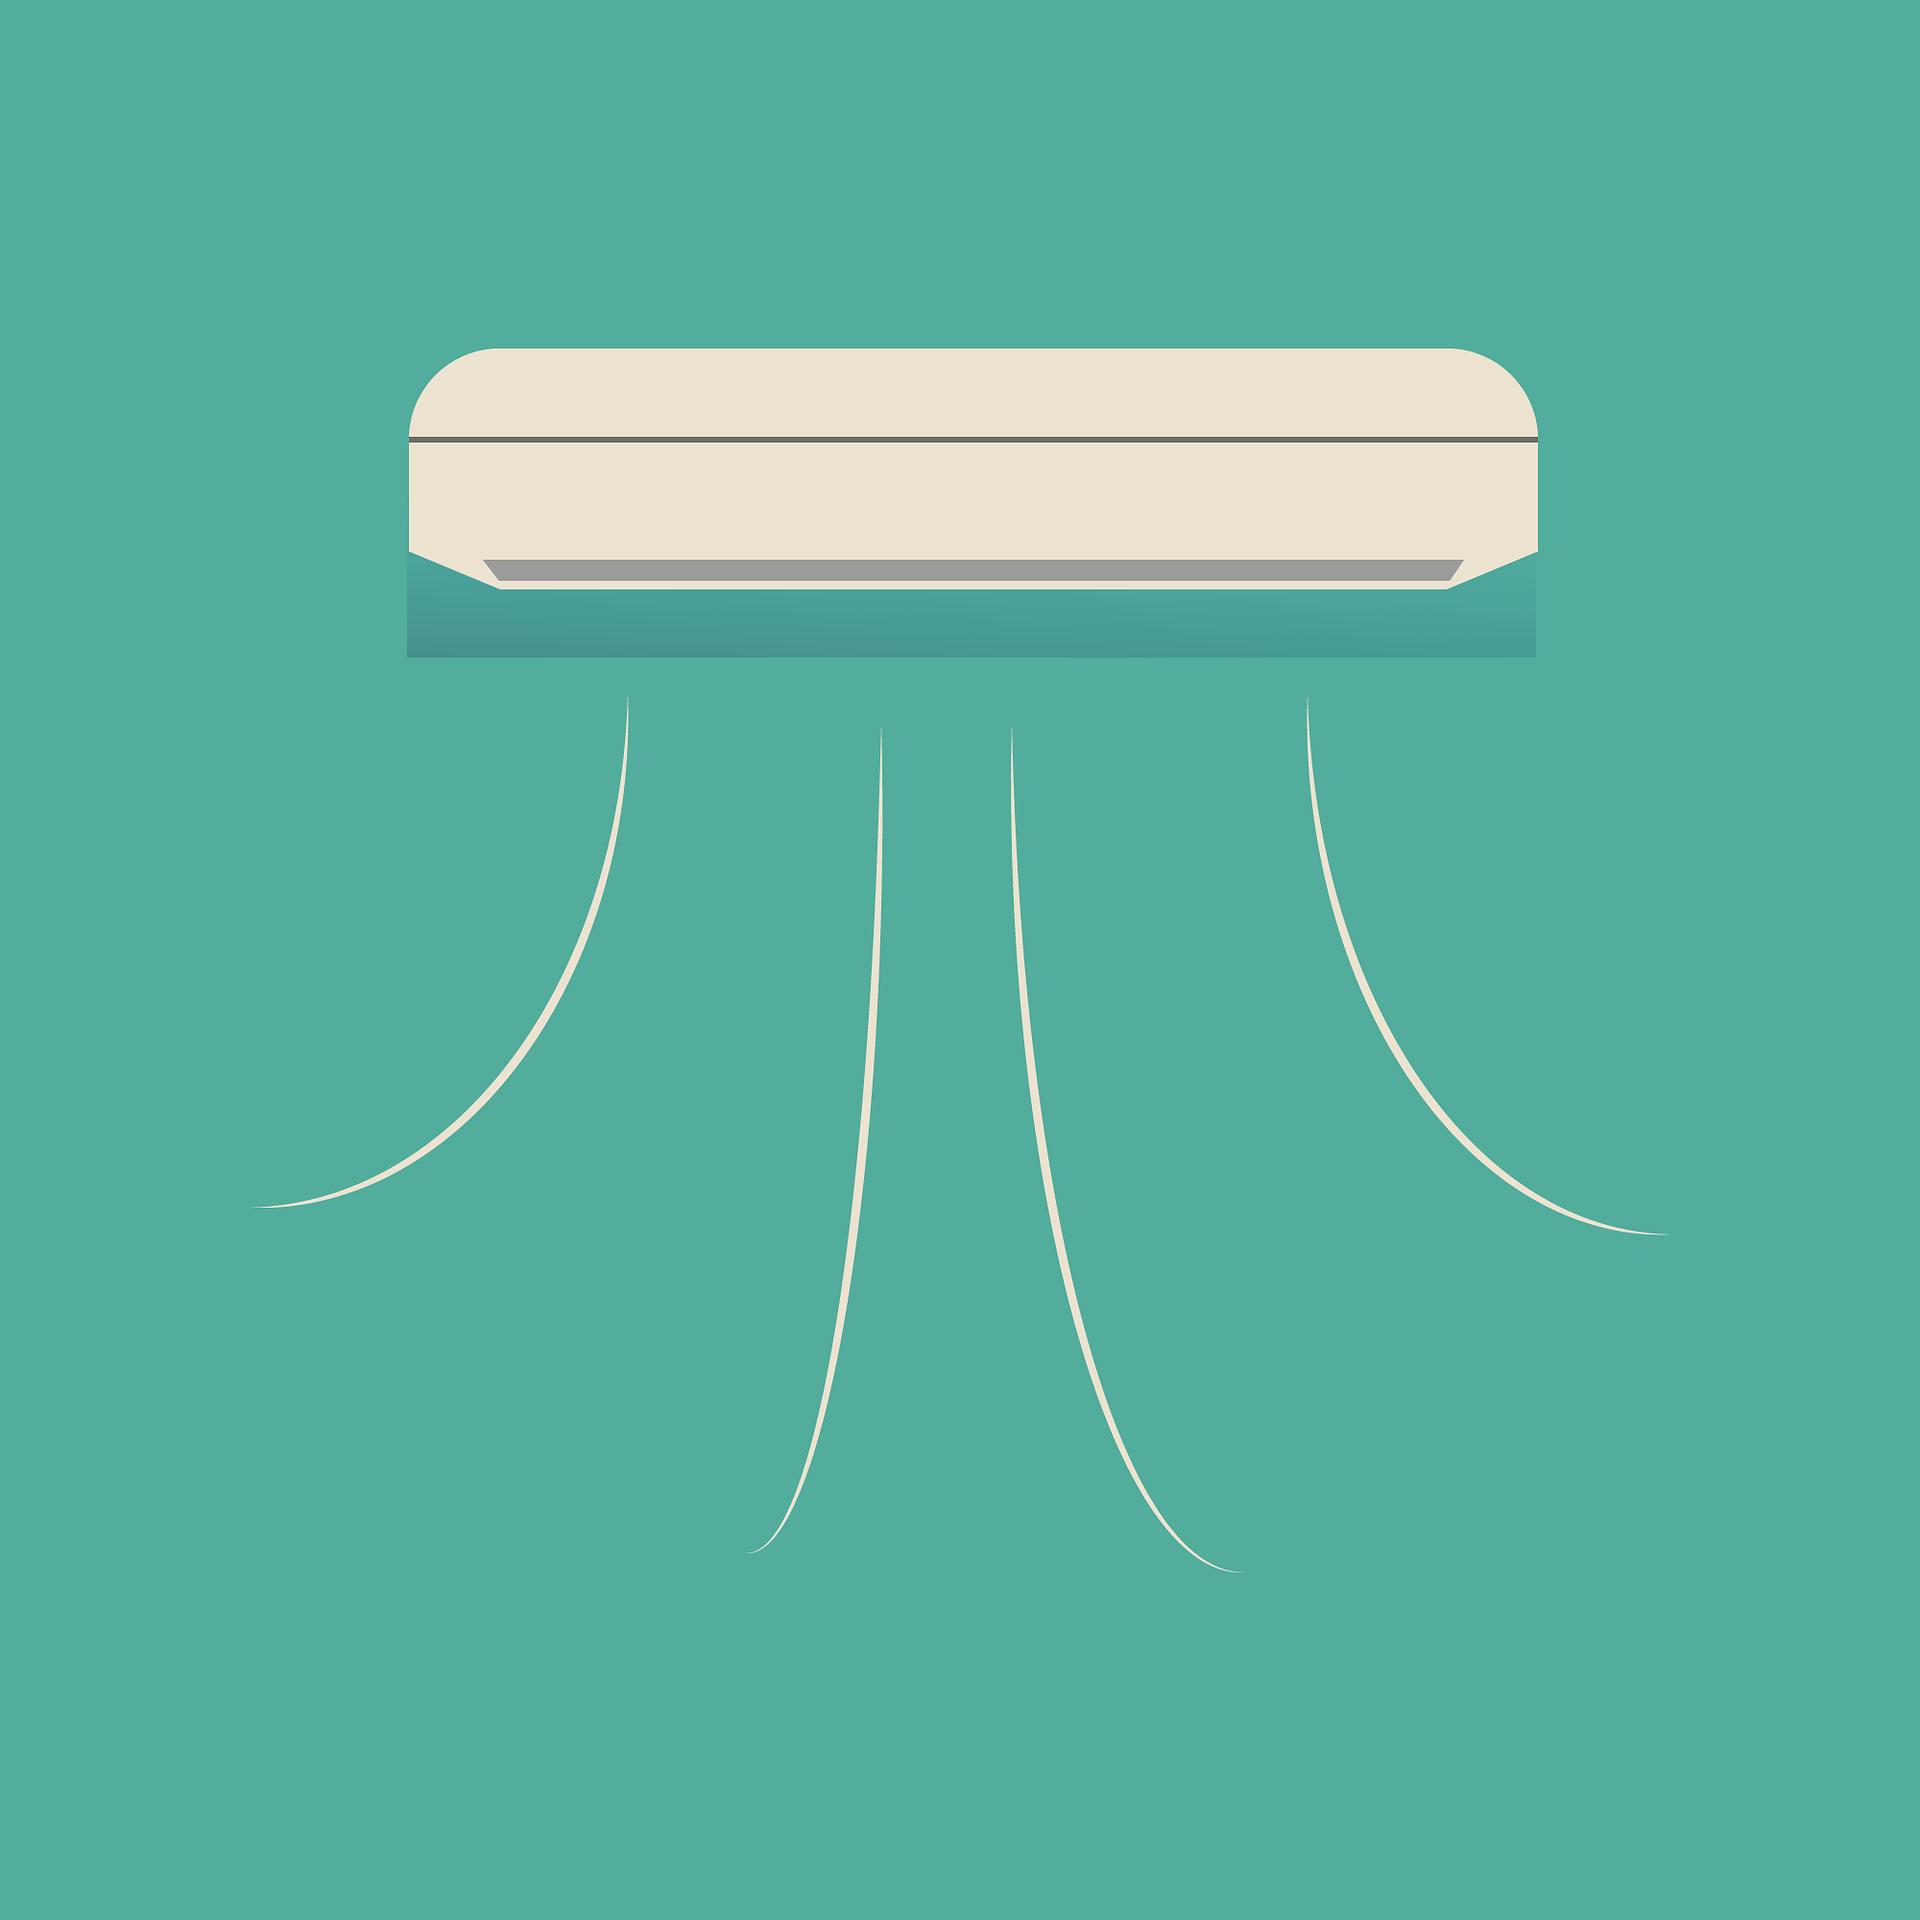 air conditioner 1614698 1920